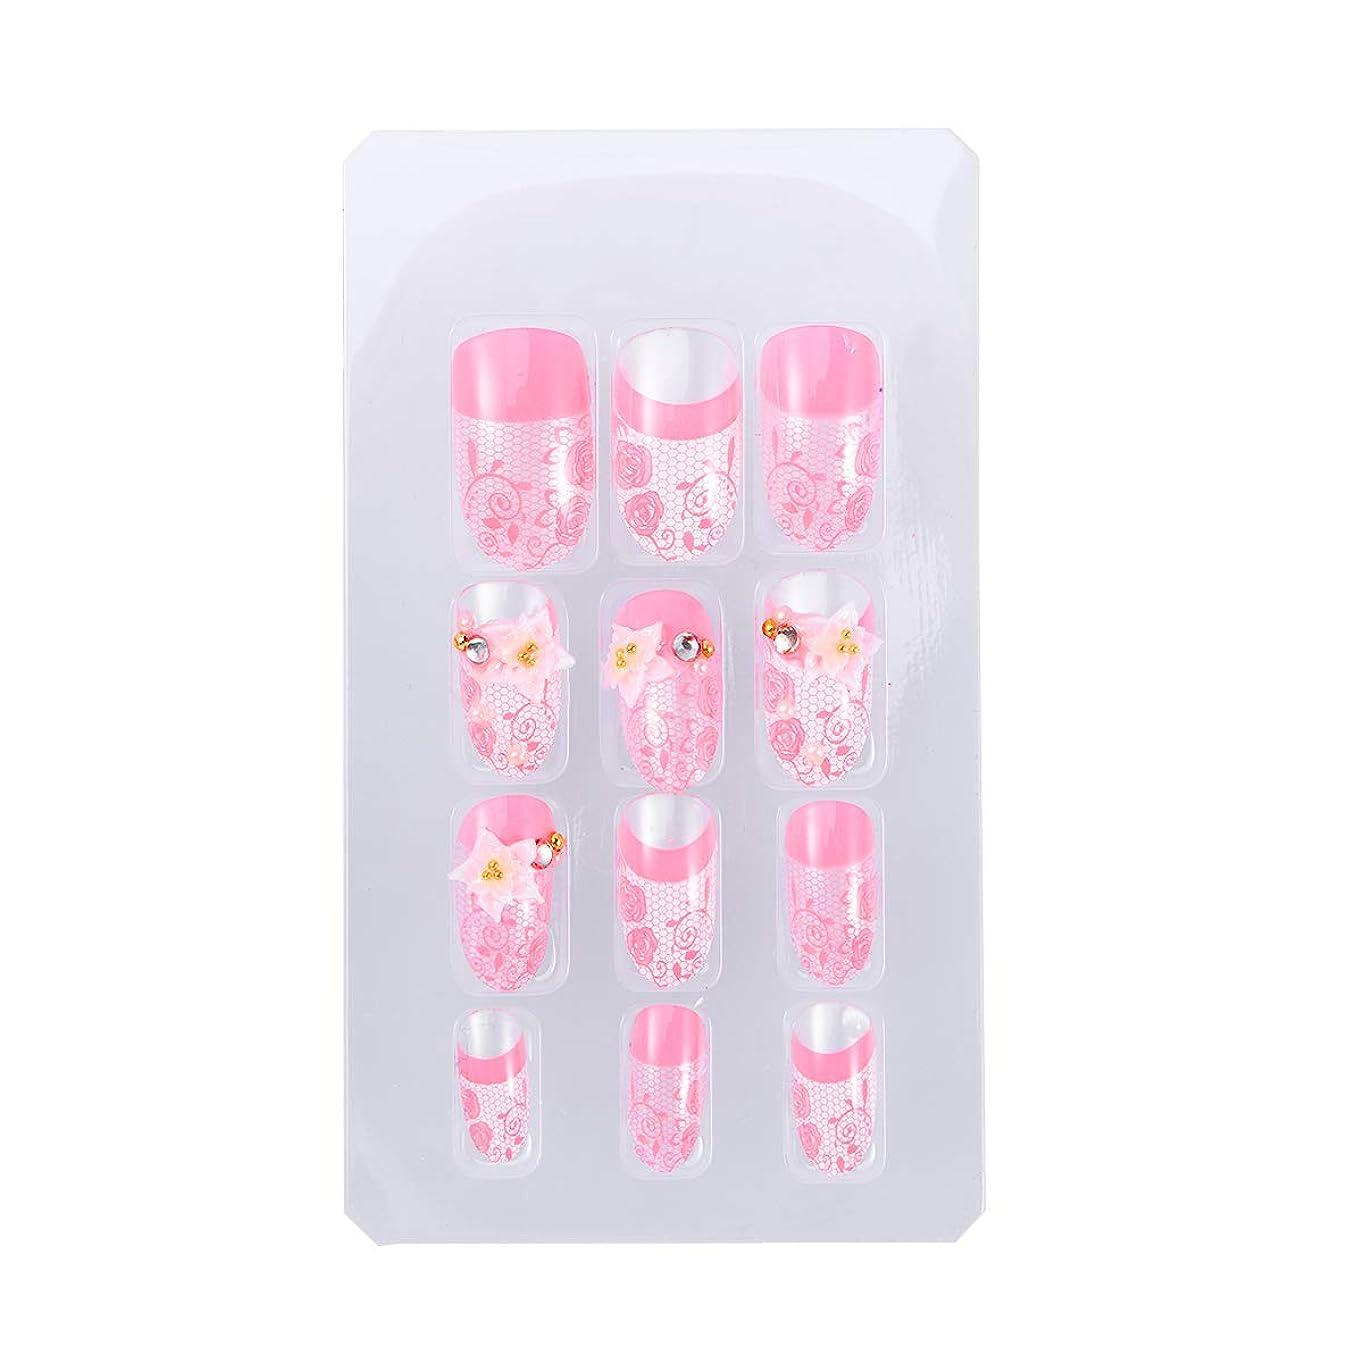 迫害する泣いているいたずらFrcolor ネイルチップ つけ爪 手作りネイルチップ ピンク ネイルジュエリー 3D デコレーション 中等長さ ネイルアート 24枚セット